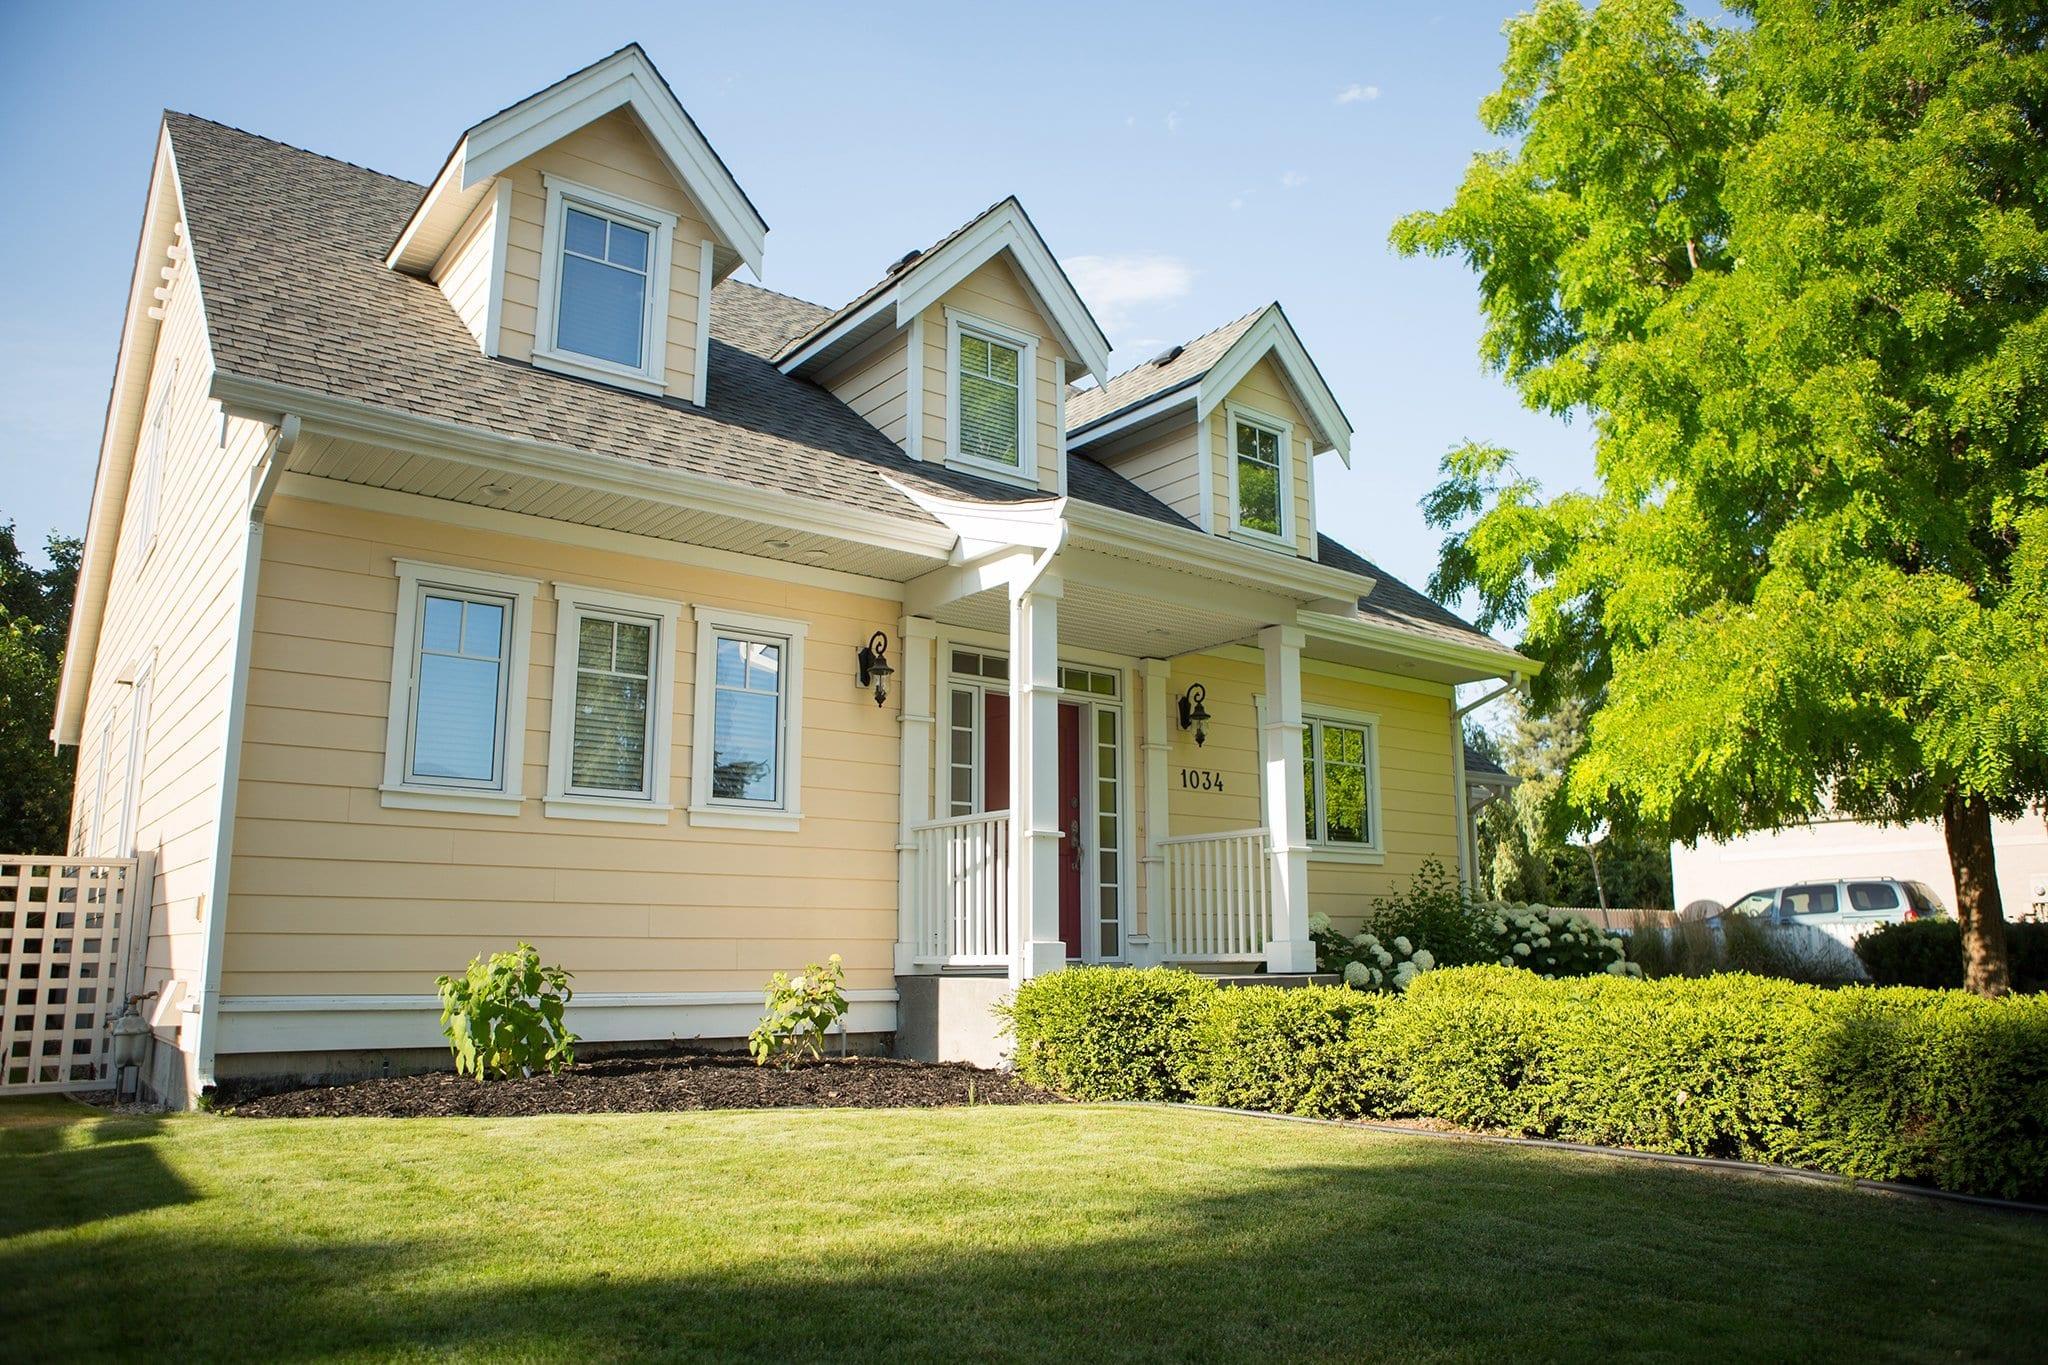 1034 borden ave cherry lane homes for Build custom homes